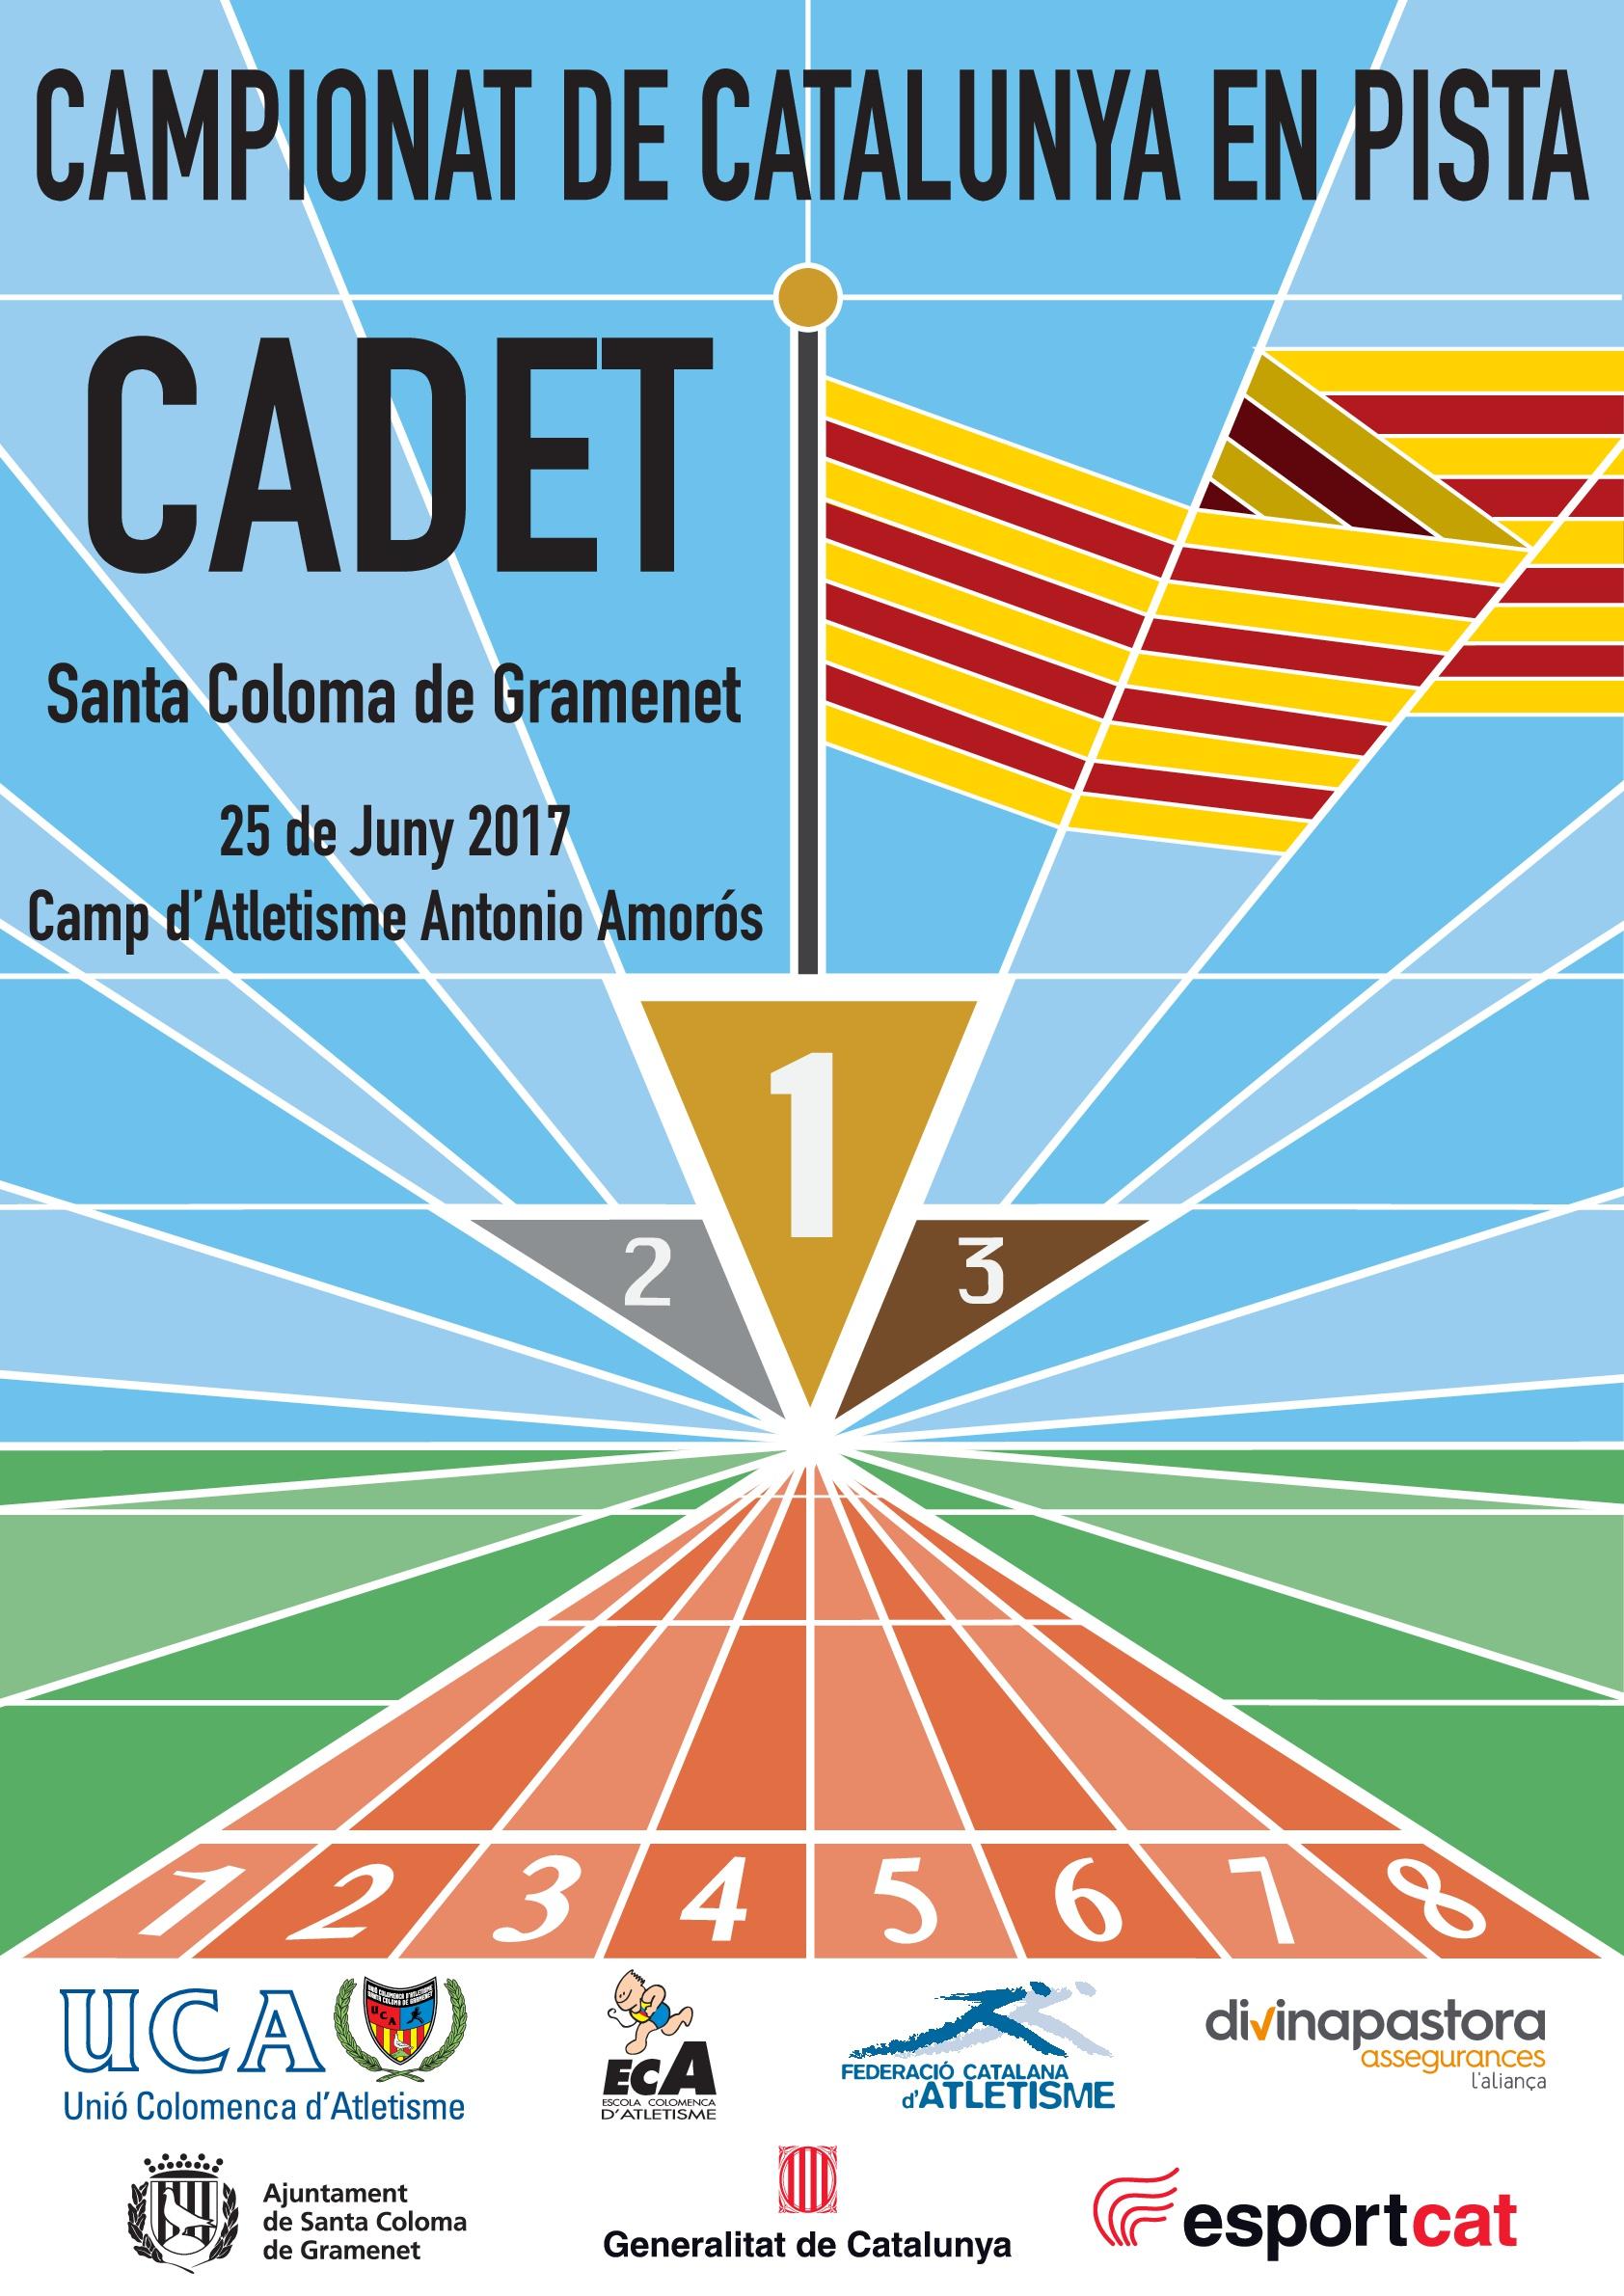 El Campionat de Catalunya Cadet 2017, al Camp d'Atletisme Antonio Amorós